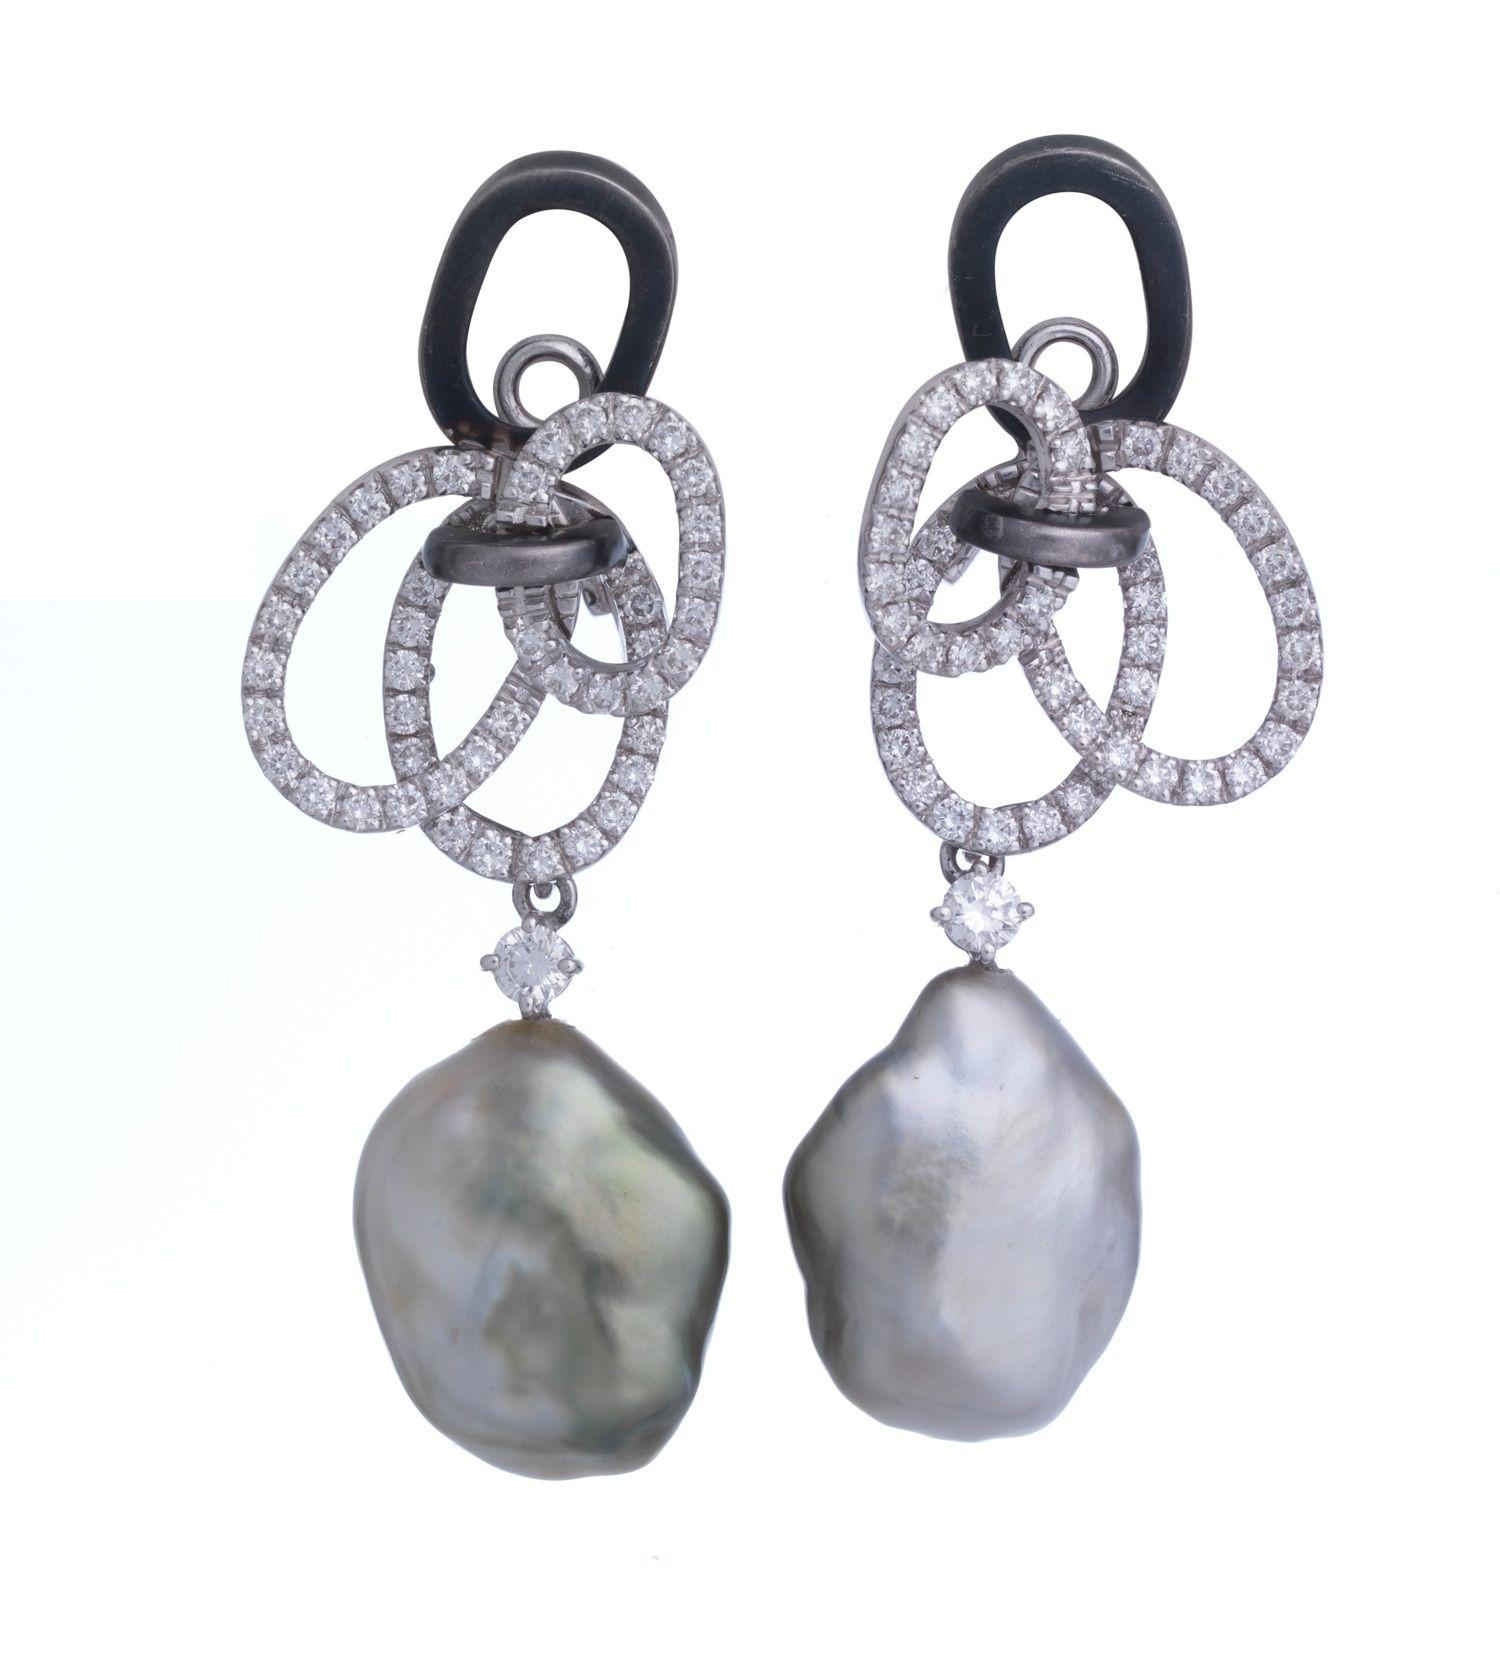 Massimilia. #Oorbellen #Earrings #Juwelen #Jewelry #LillyZeligman www.lillyzeligman.com